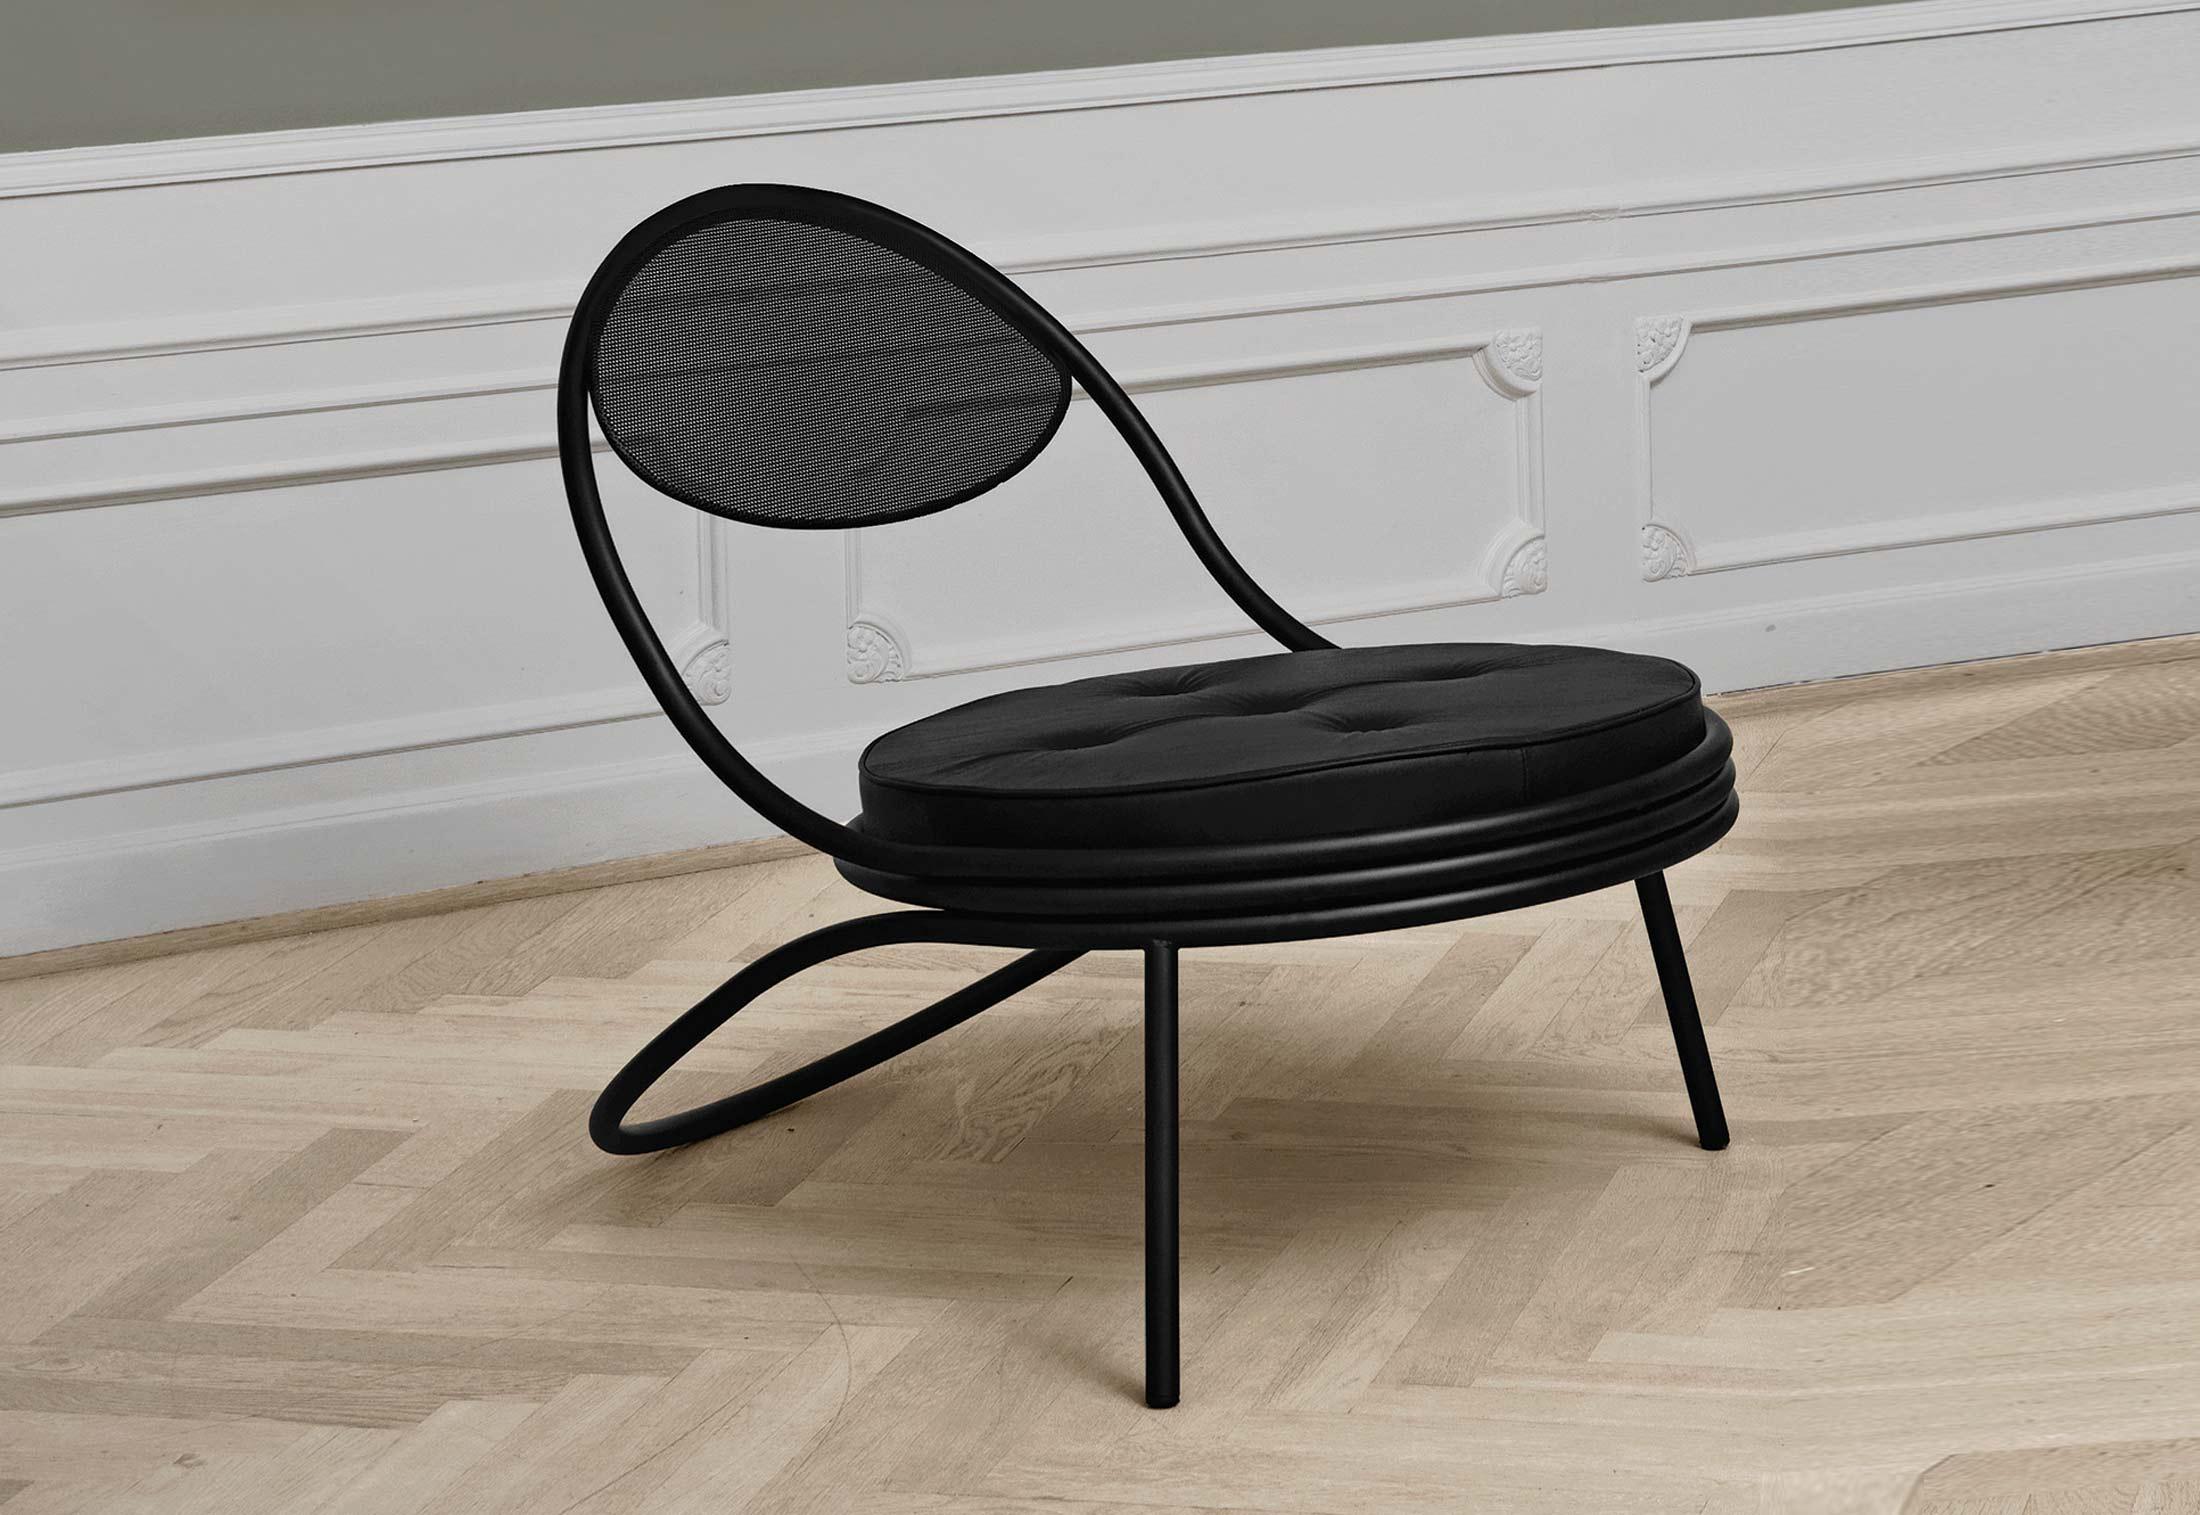 Copacabana Chair by Matheiu Matégot for GUBI